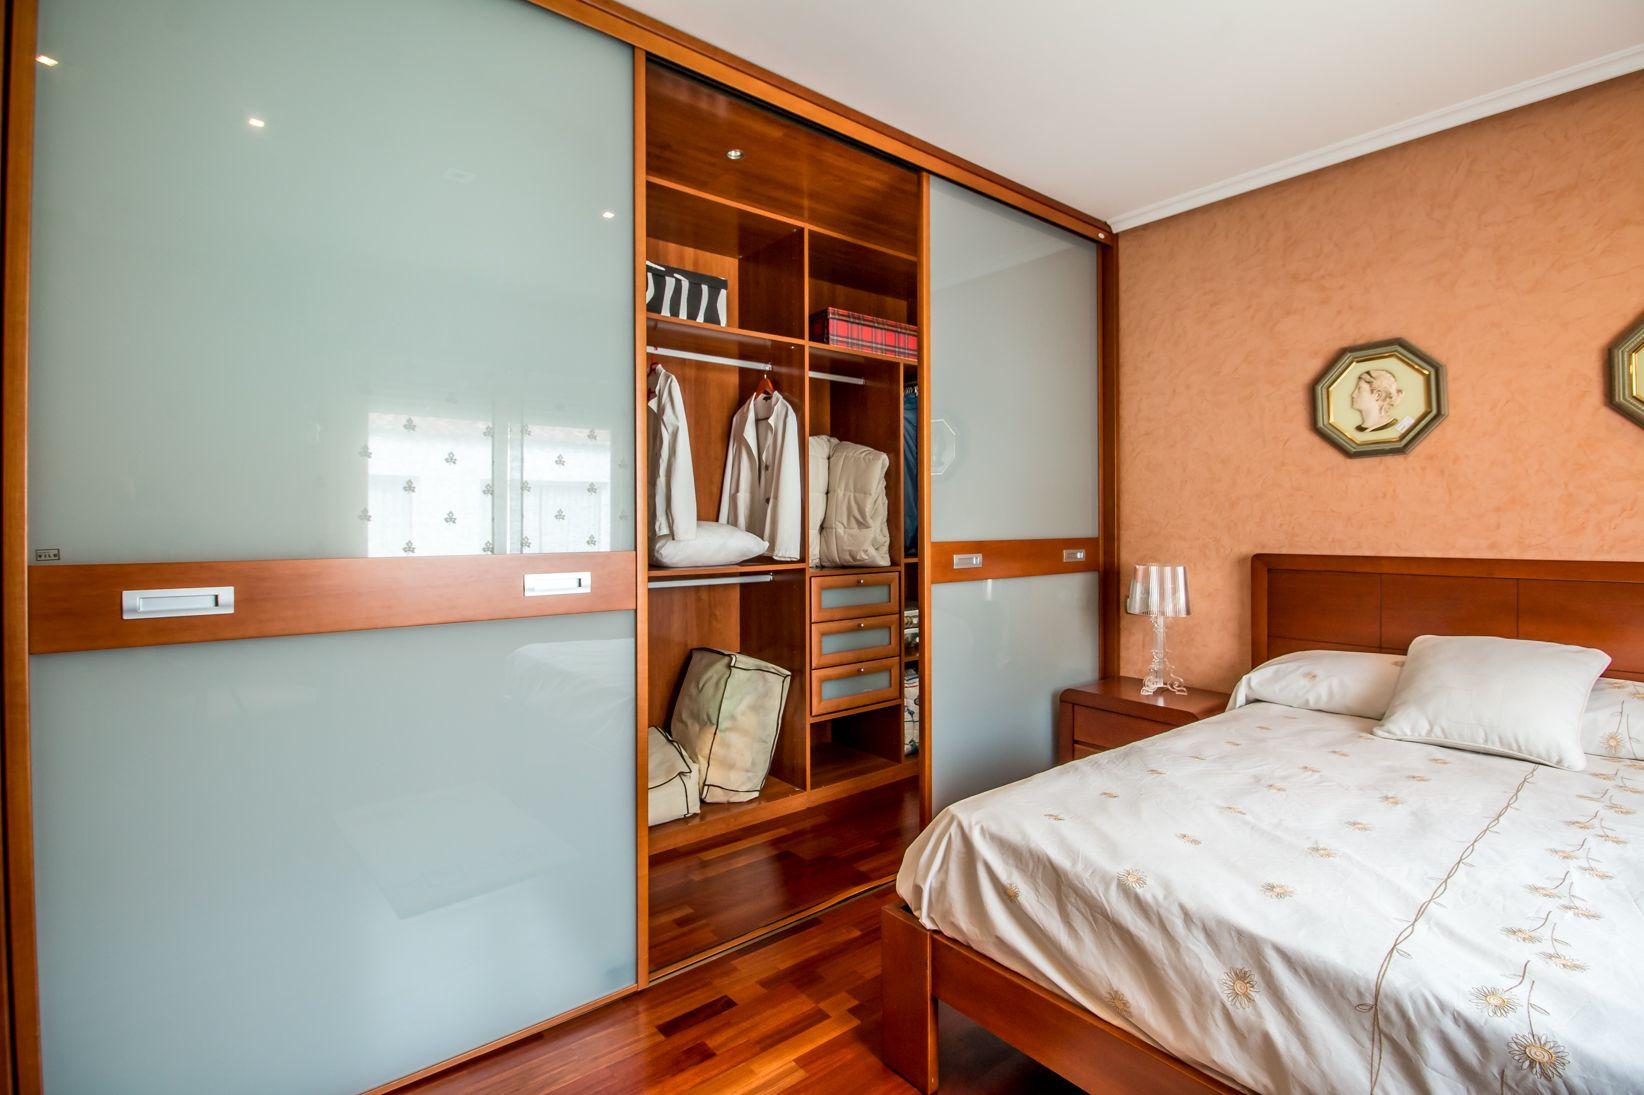 En dormitorios te proponemos diferentes estilos y combinaciones